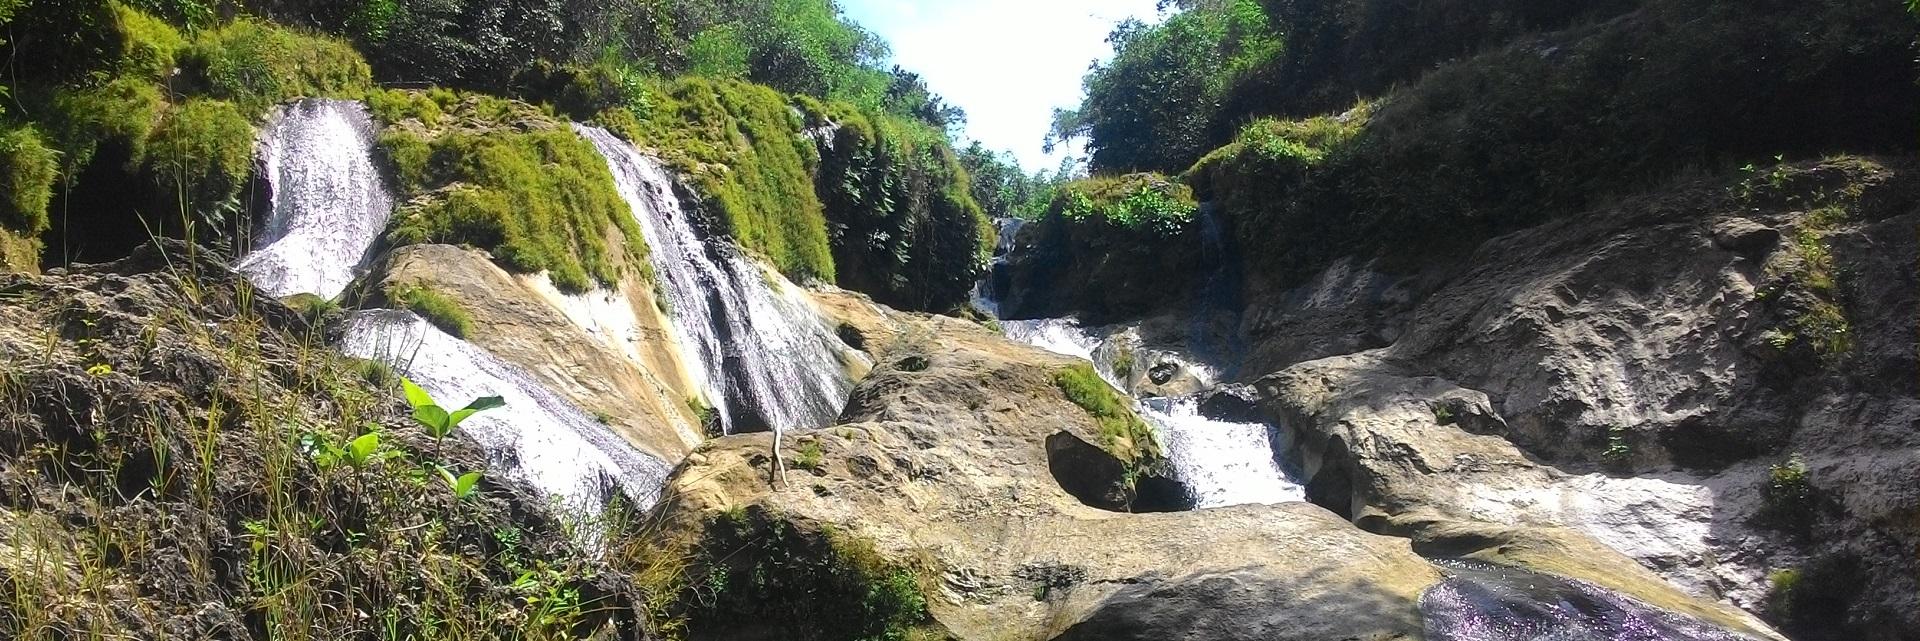 Coban Parang Tejo Malang, Malang, Kabupaten Malang, Dolan Dolen, Dolaners Coban Parang Tejo Malang - Dolan Dolen